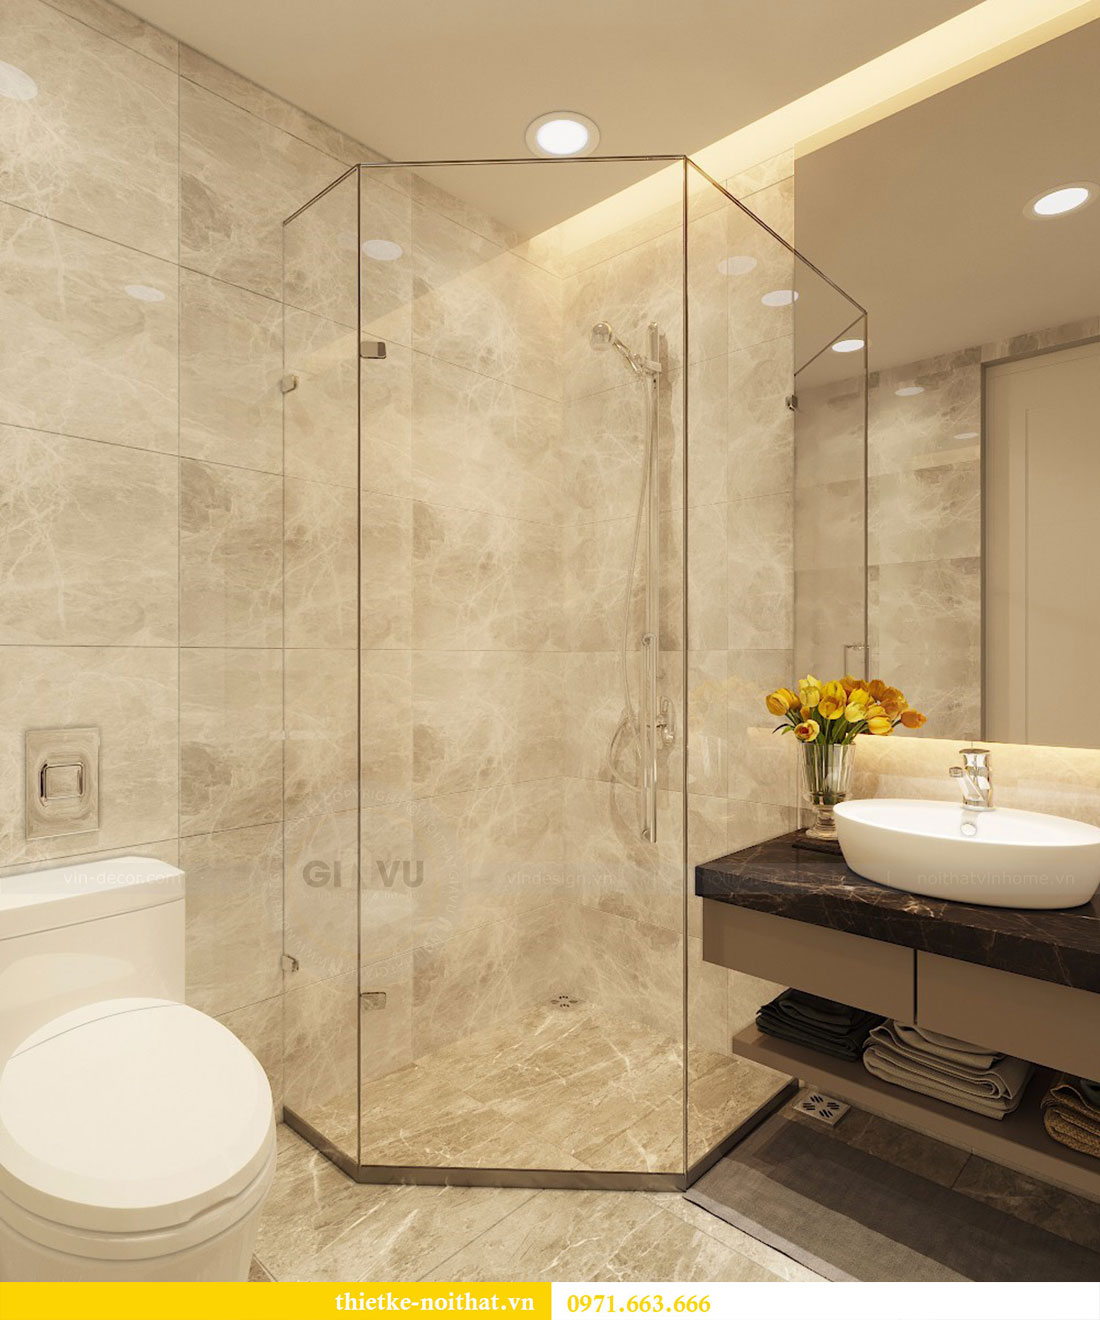 Thiết kế nội thất chung cư Seasons Avenue tòa S1 căn 04 - Chị Thanh 11.